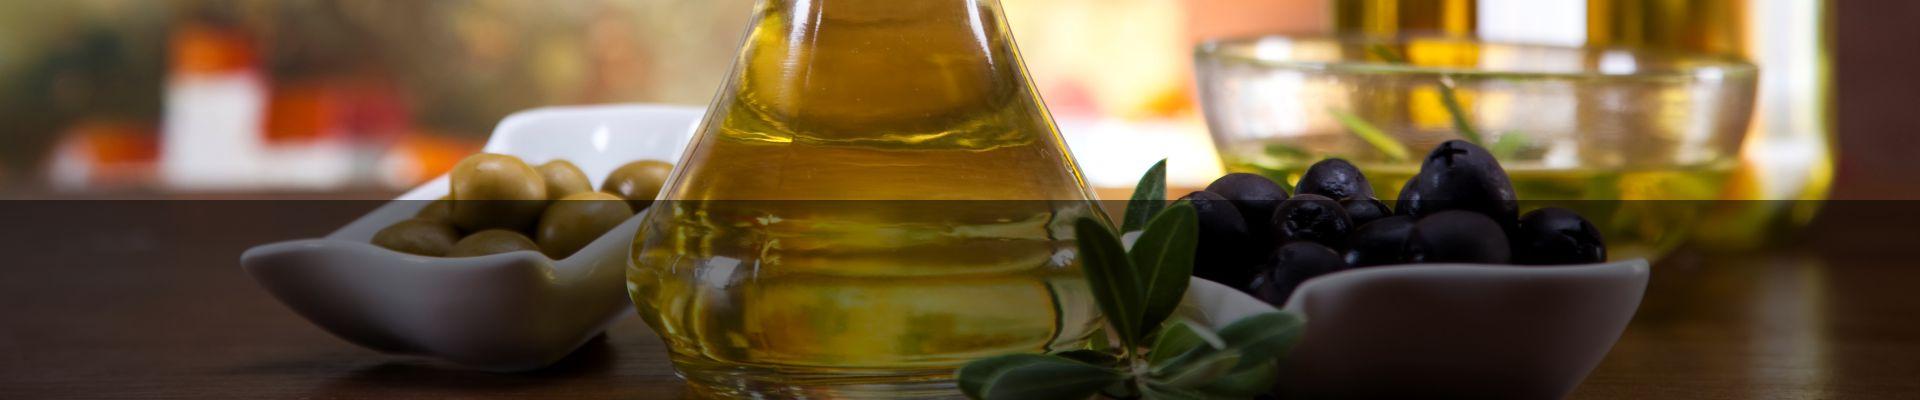 Ingredienti - Olio Extravergine d'Oliva - ApuliaSnacks